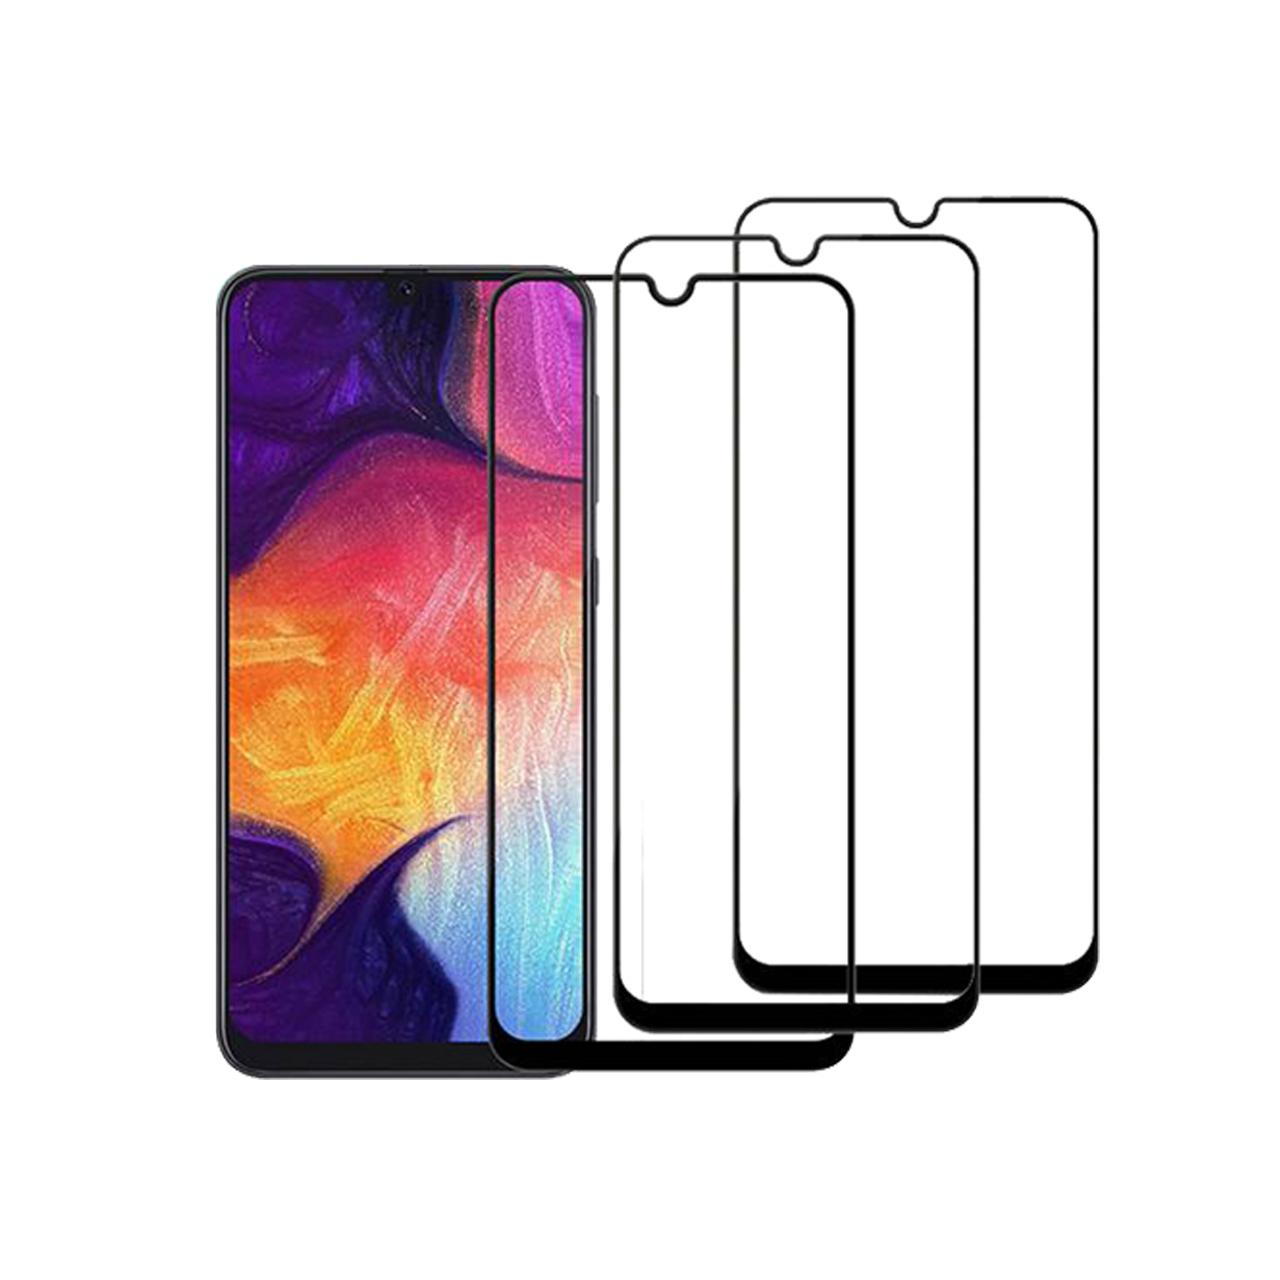 محافظ صفحه نمایش مدل RSF-3 مناسب برای گوشی موبایل سامسونگ Galaxy A70 بسته سه عددی thumb